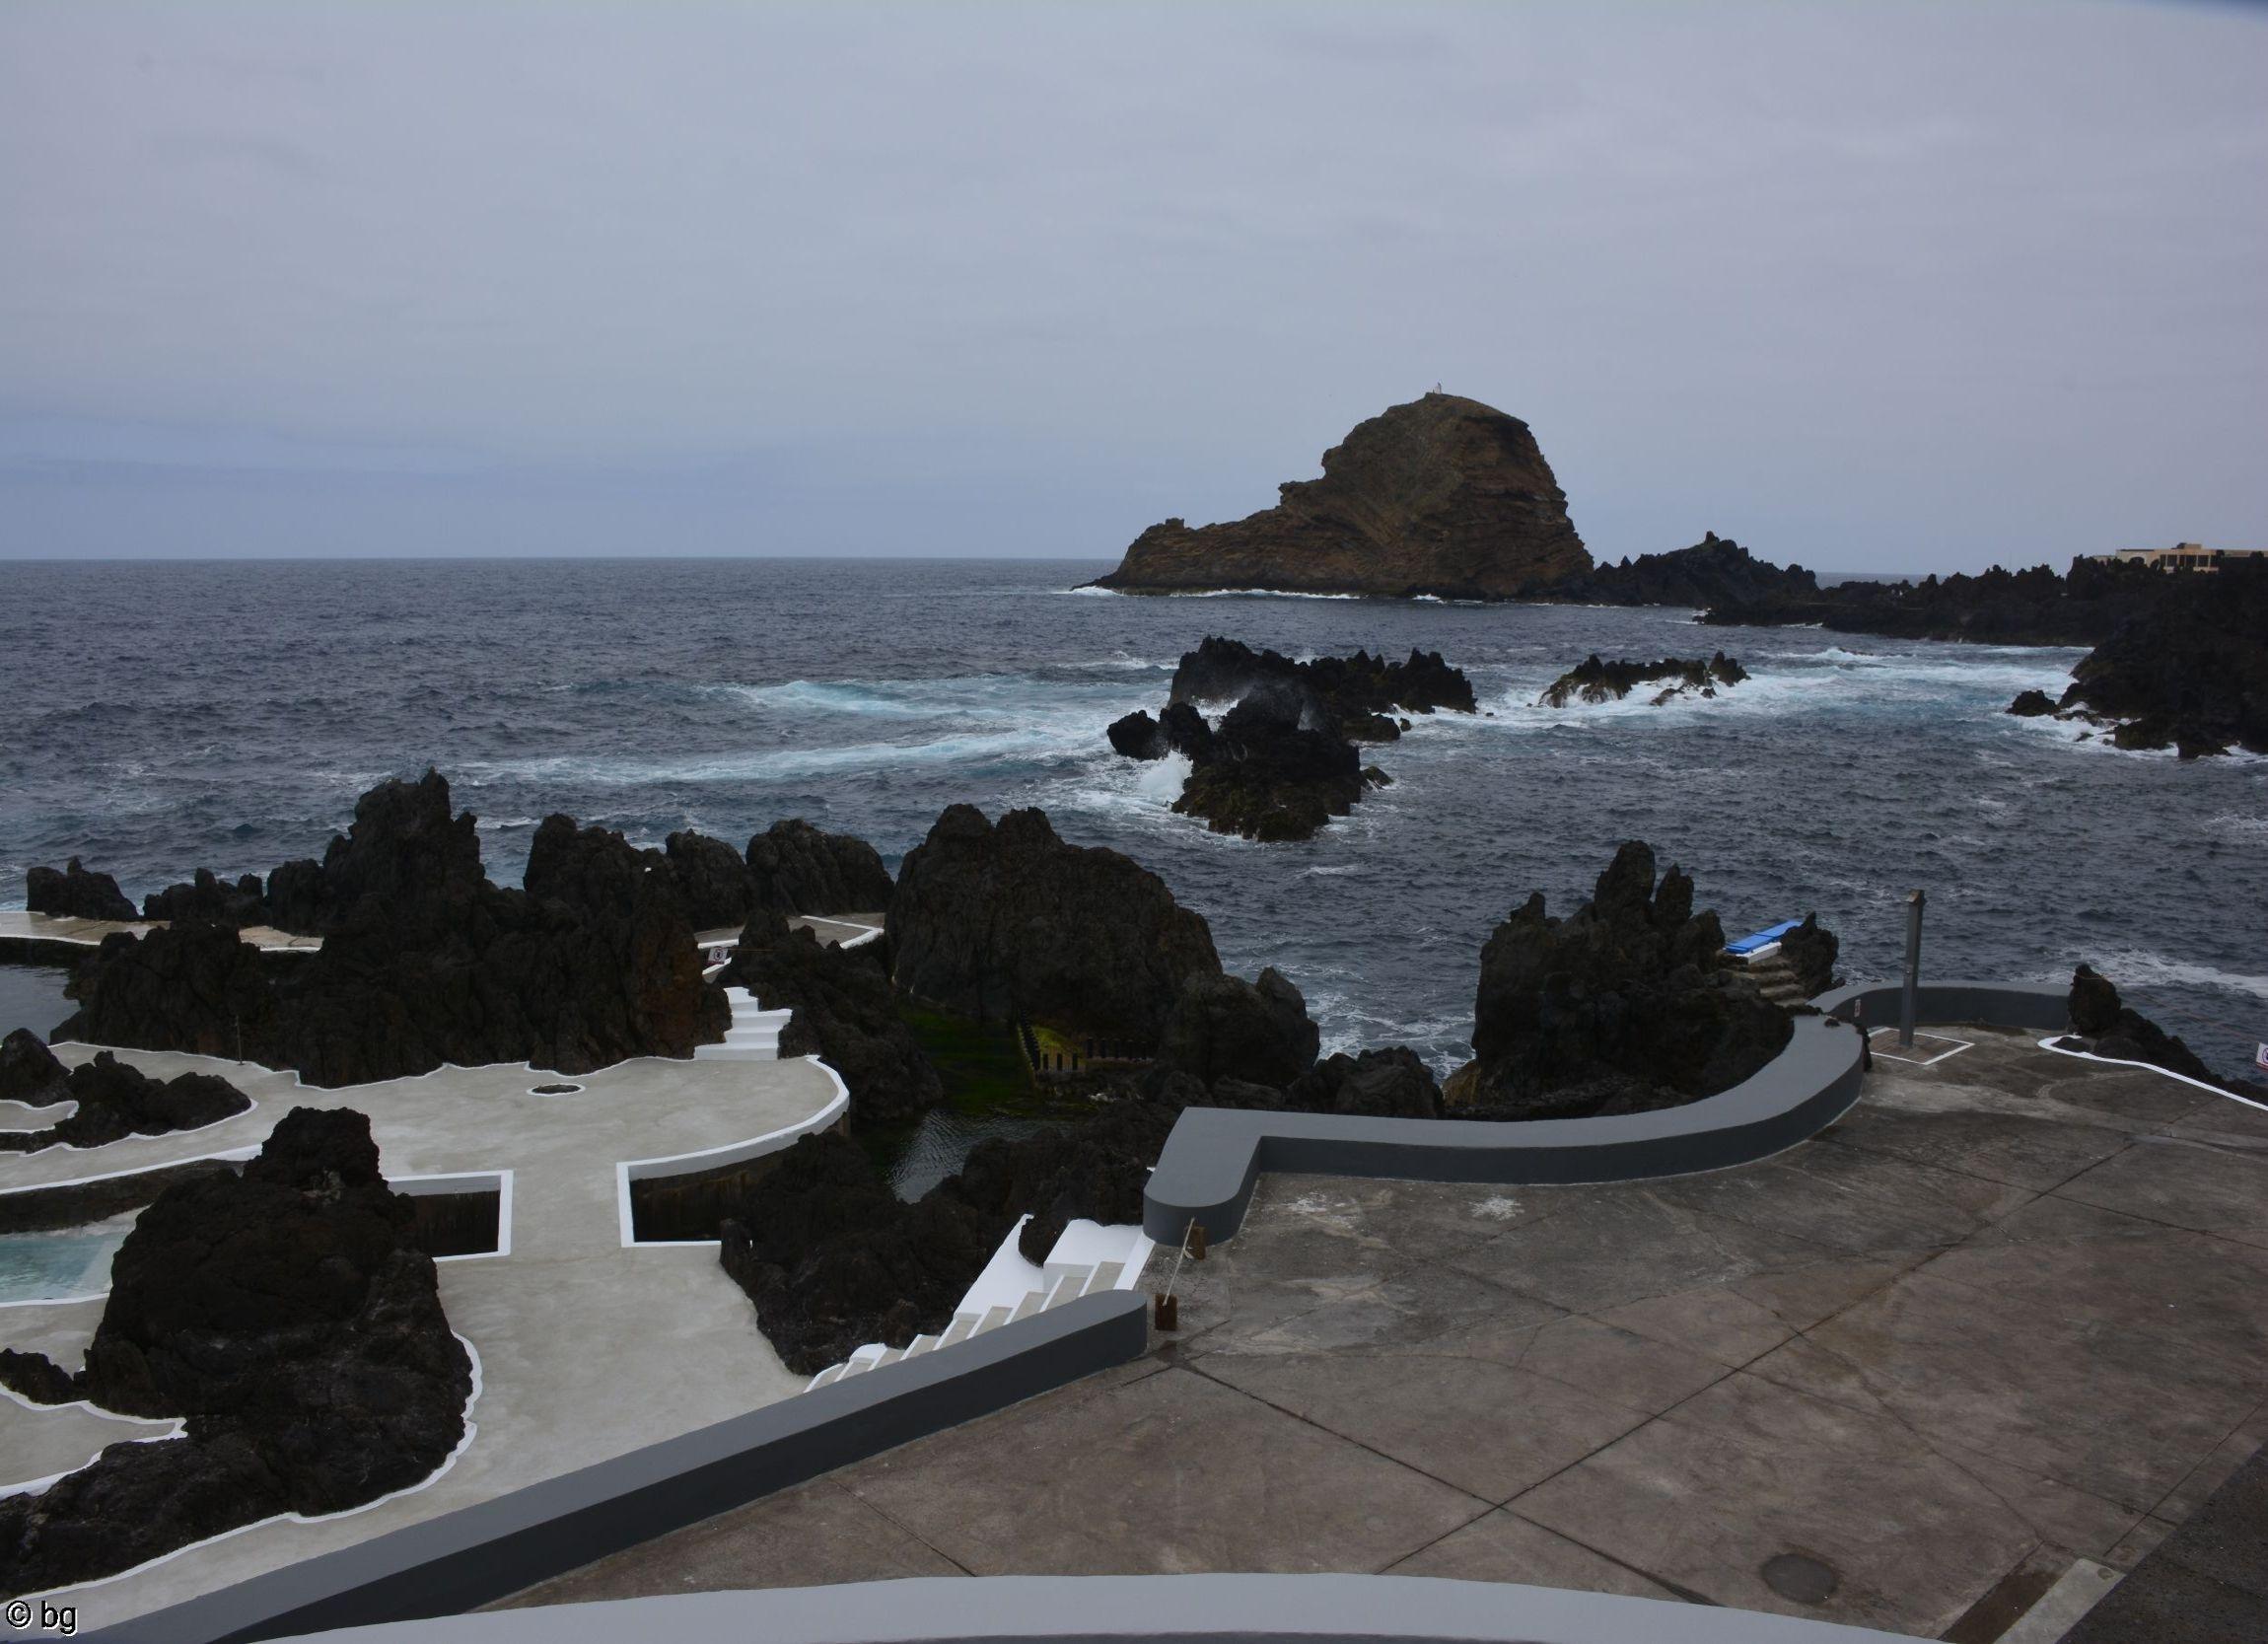 piscinas-naturals-madere-porto-moniz-3